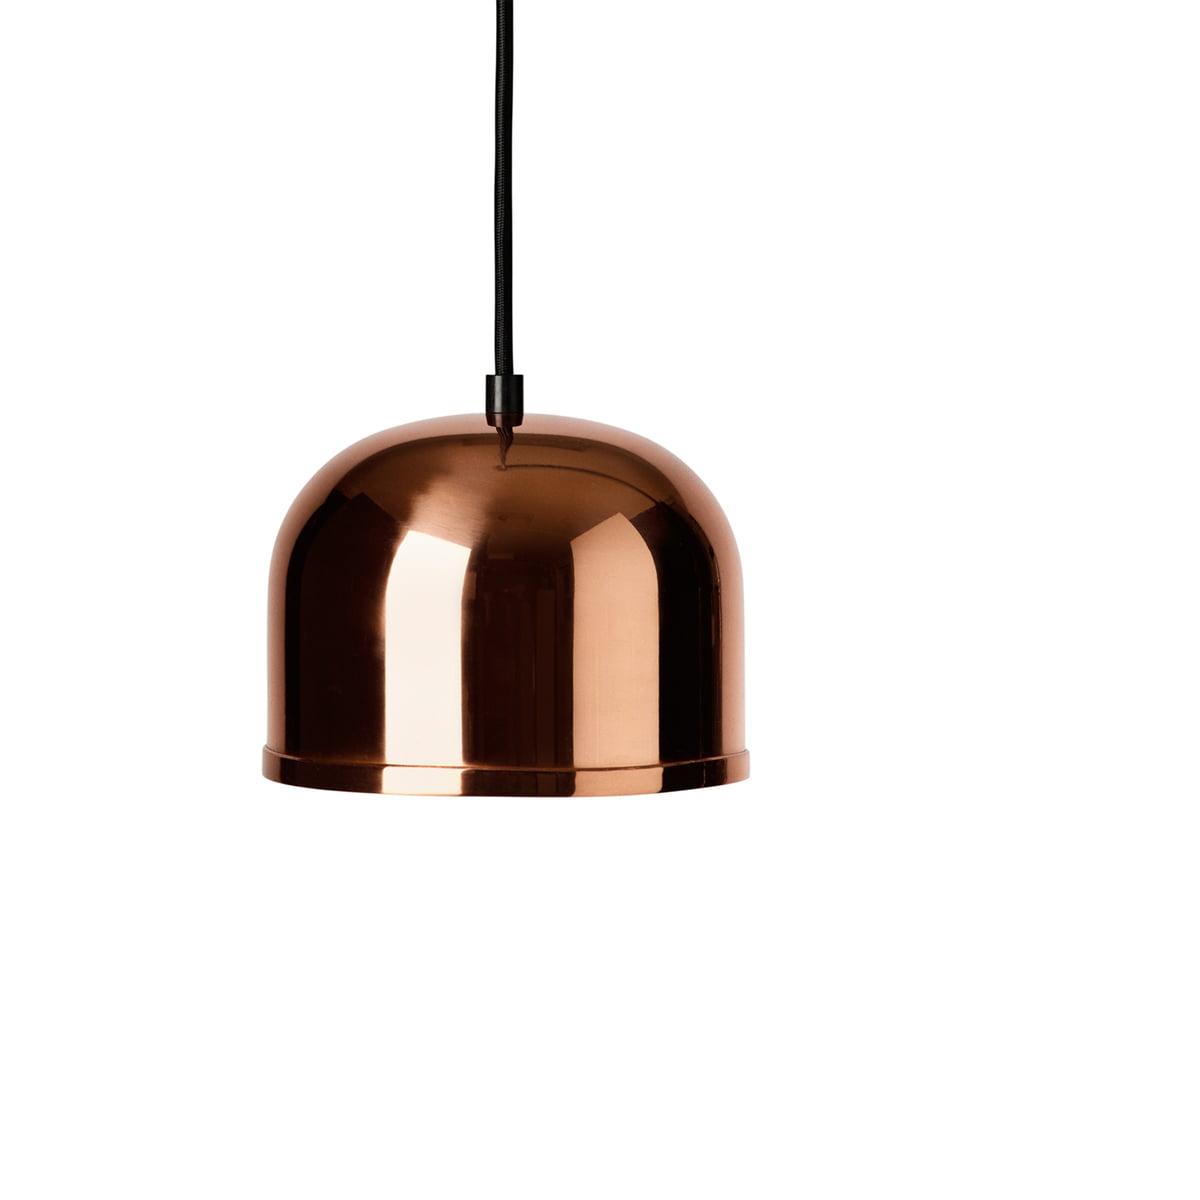 metal pendant lighting. GM 15 Pendant Lamp By Menu In Copper Metal Lighting